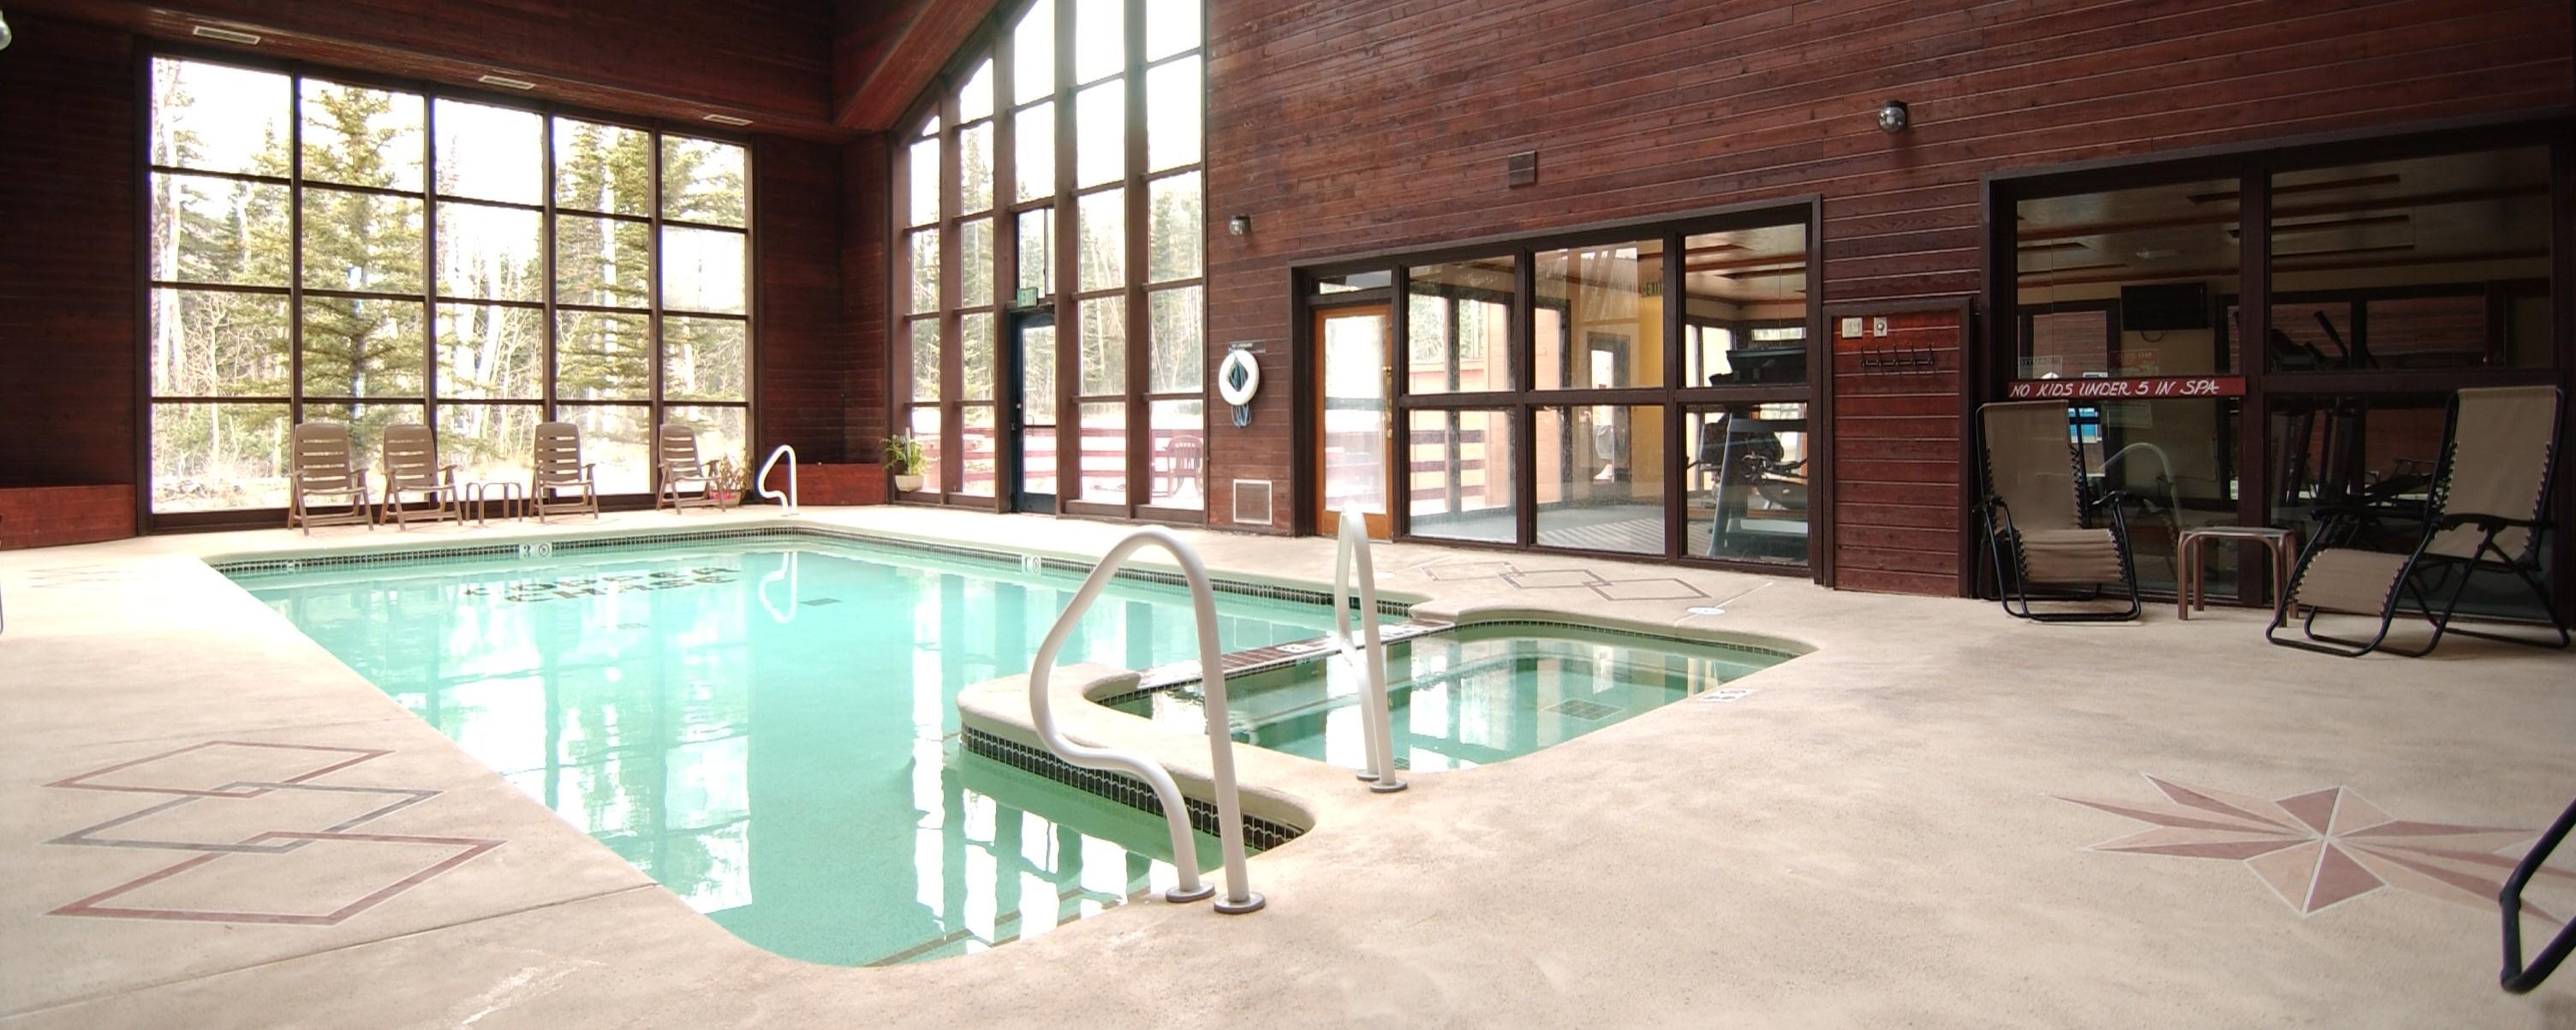 Pool-v1.1-WM-e1432504551716